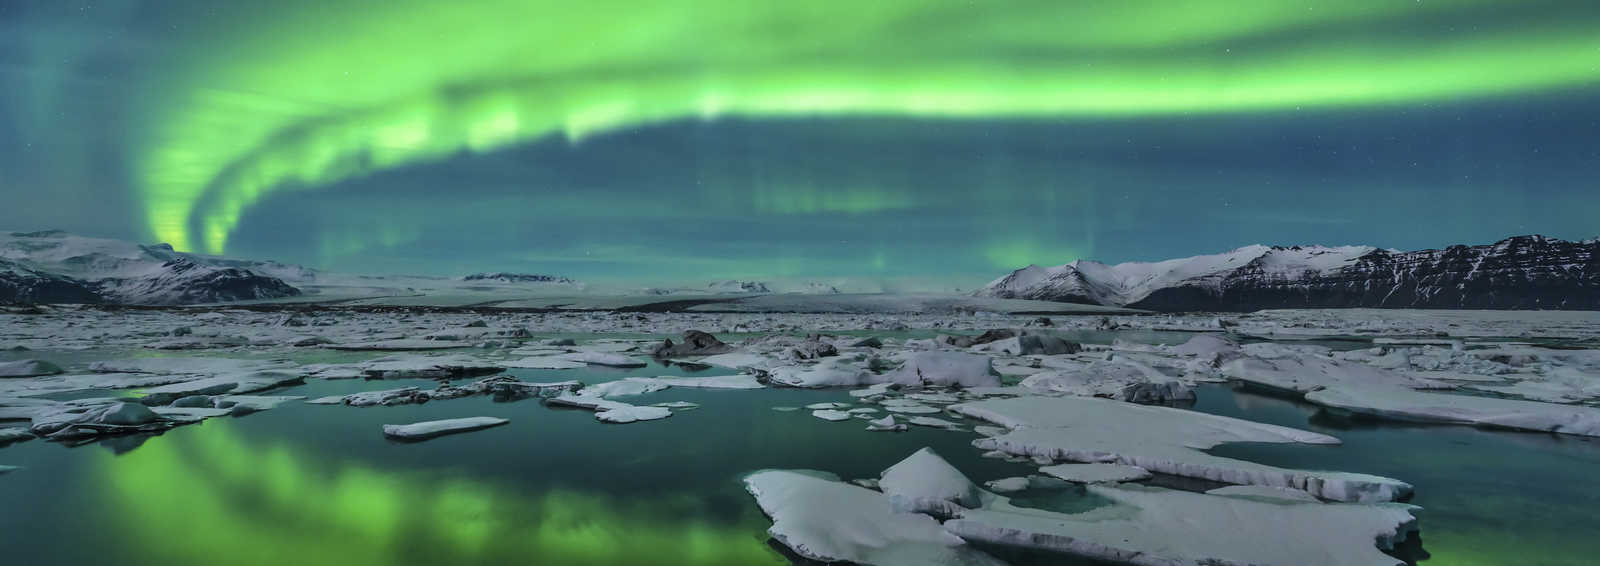 Aurora over Jokulsarlon